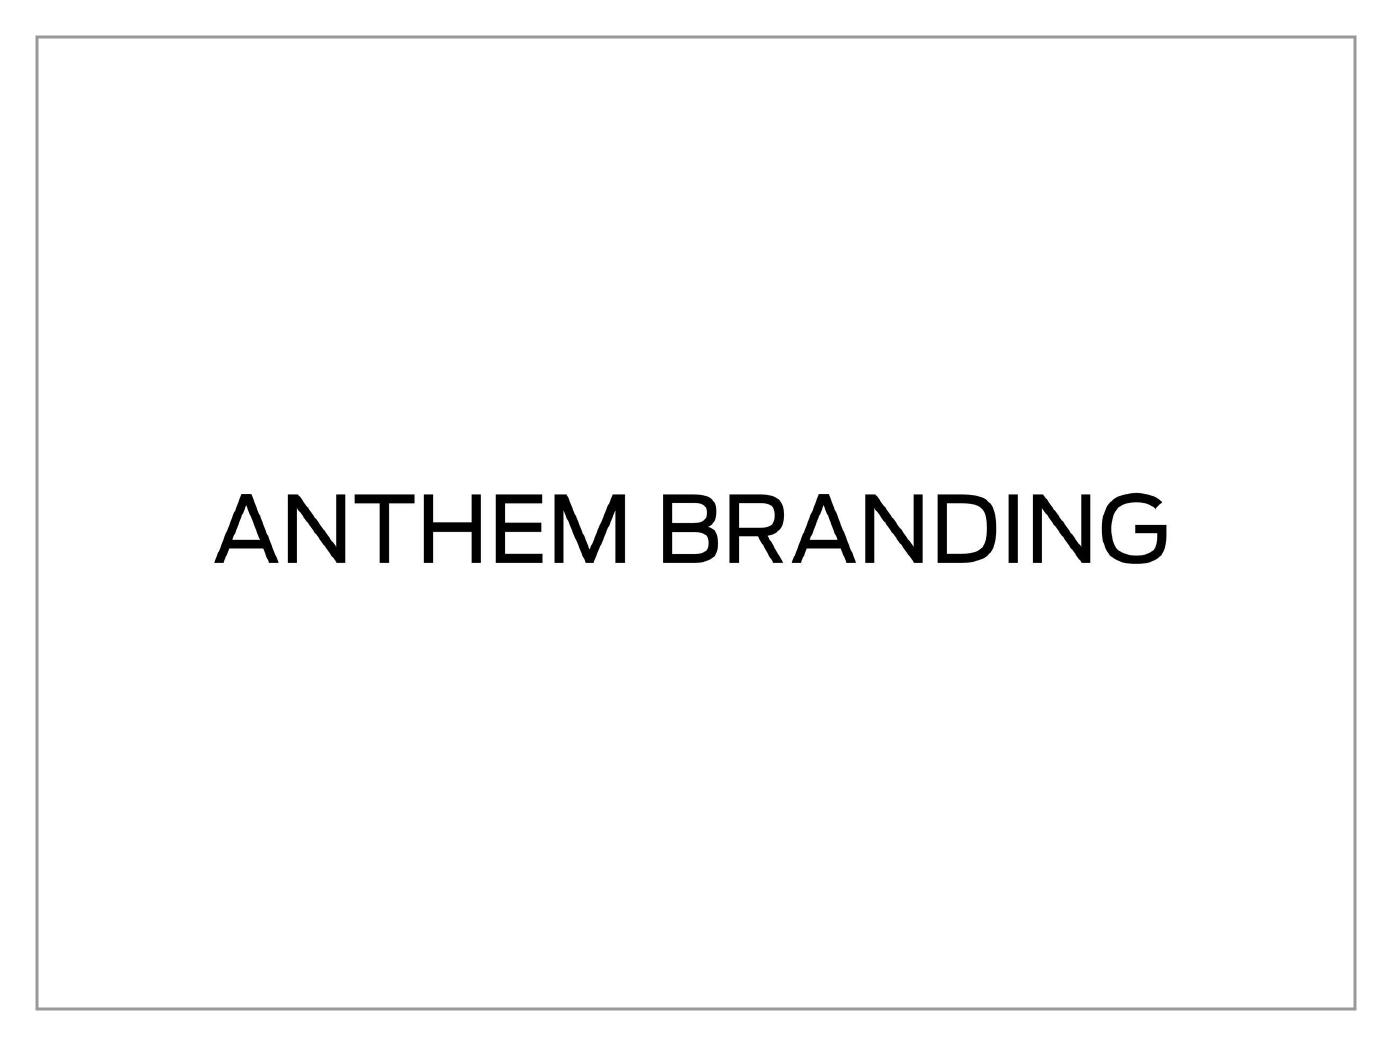 anthem_branding_Logo.png